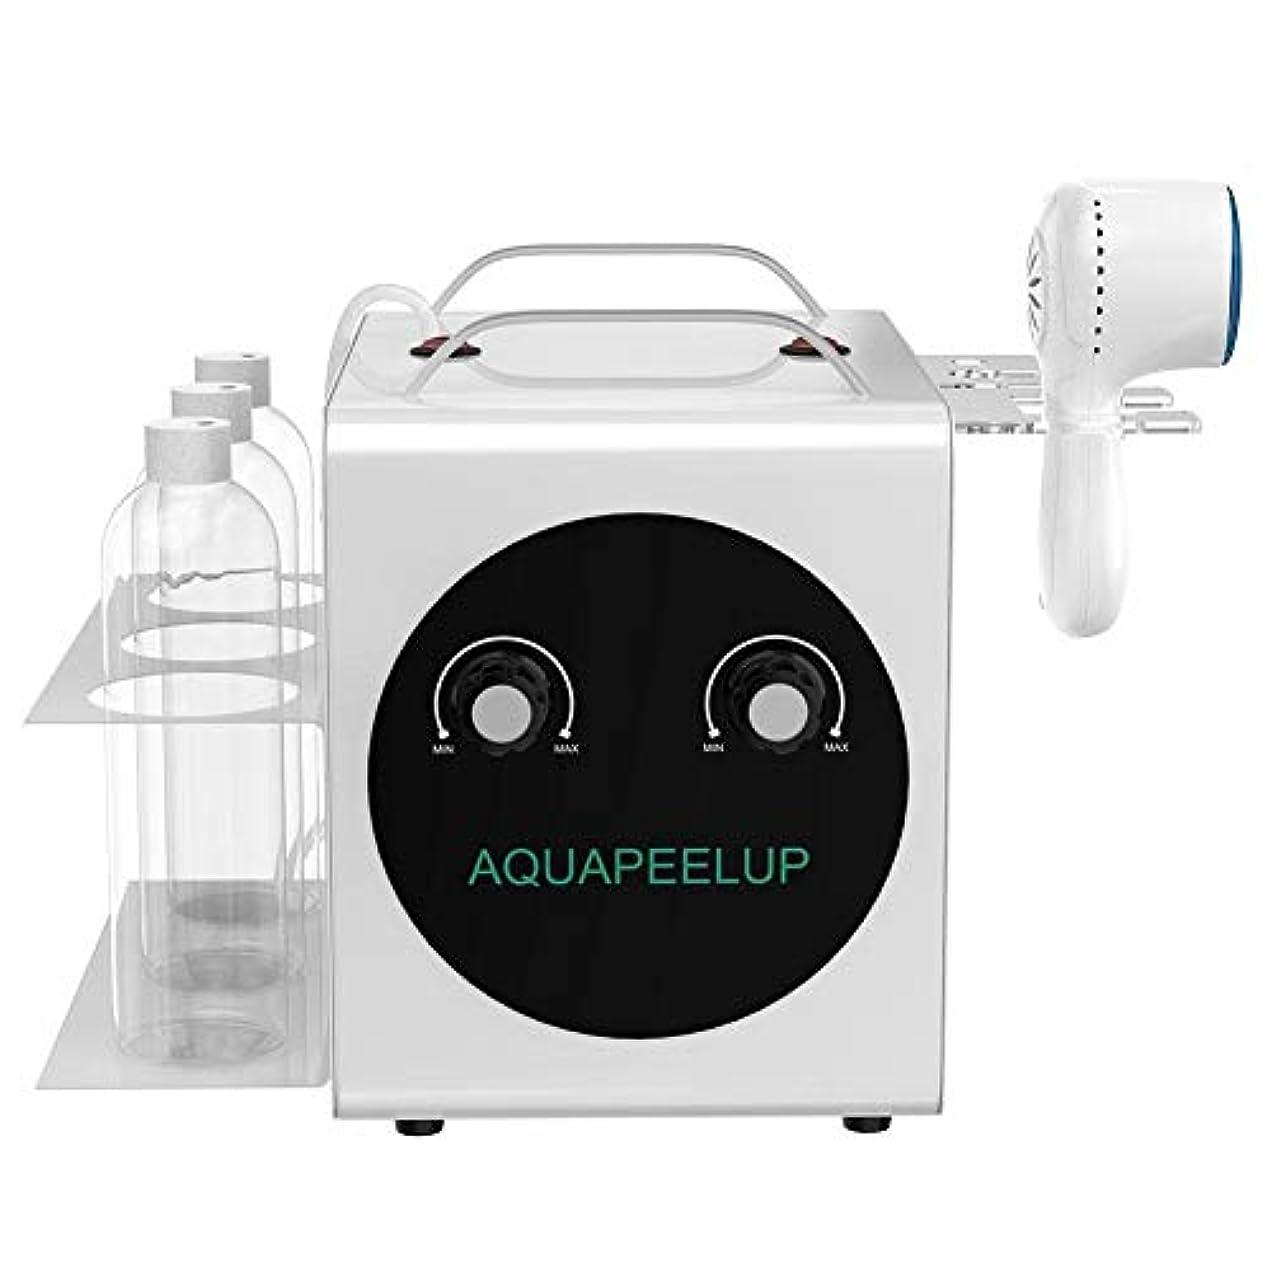 ポーンシャイキャンドル酸素注入機、効果的に深い気泡と滑らかなしわ、白くなり柔らかい毛穴の洗浄機(US-PLUG)